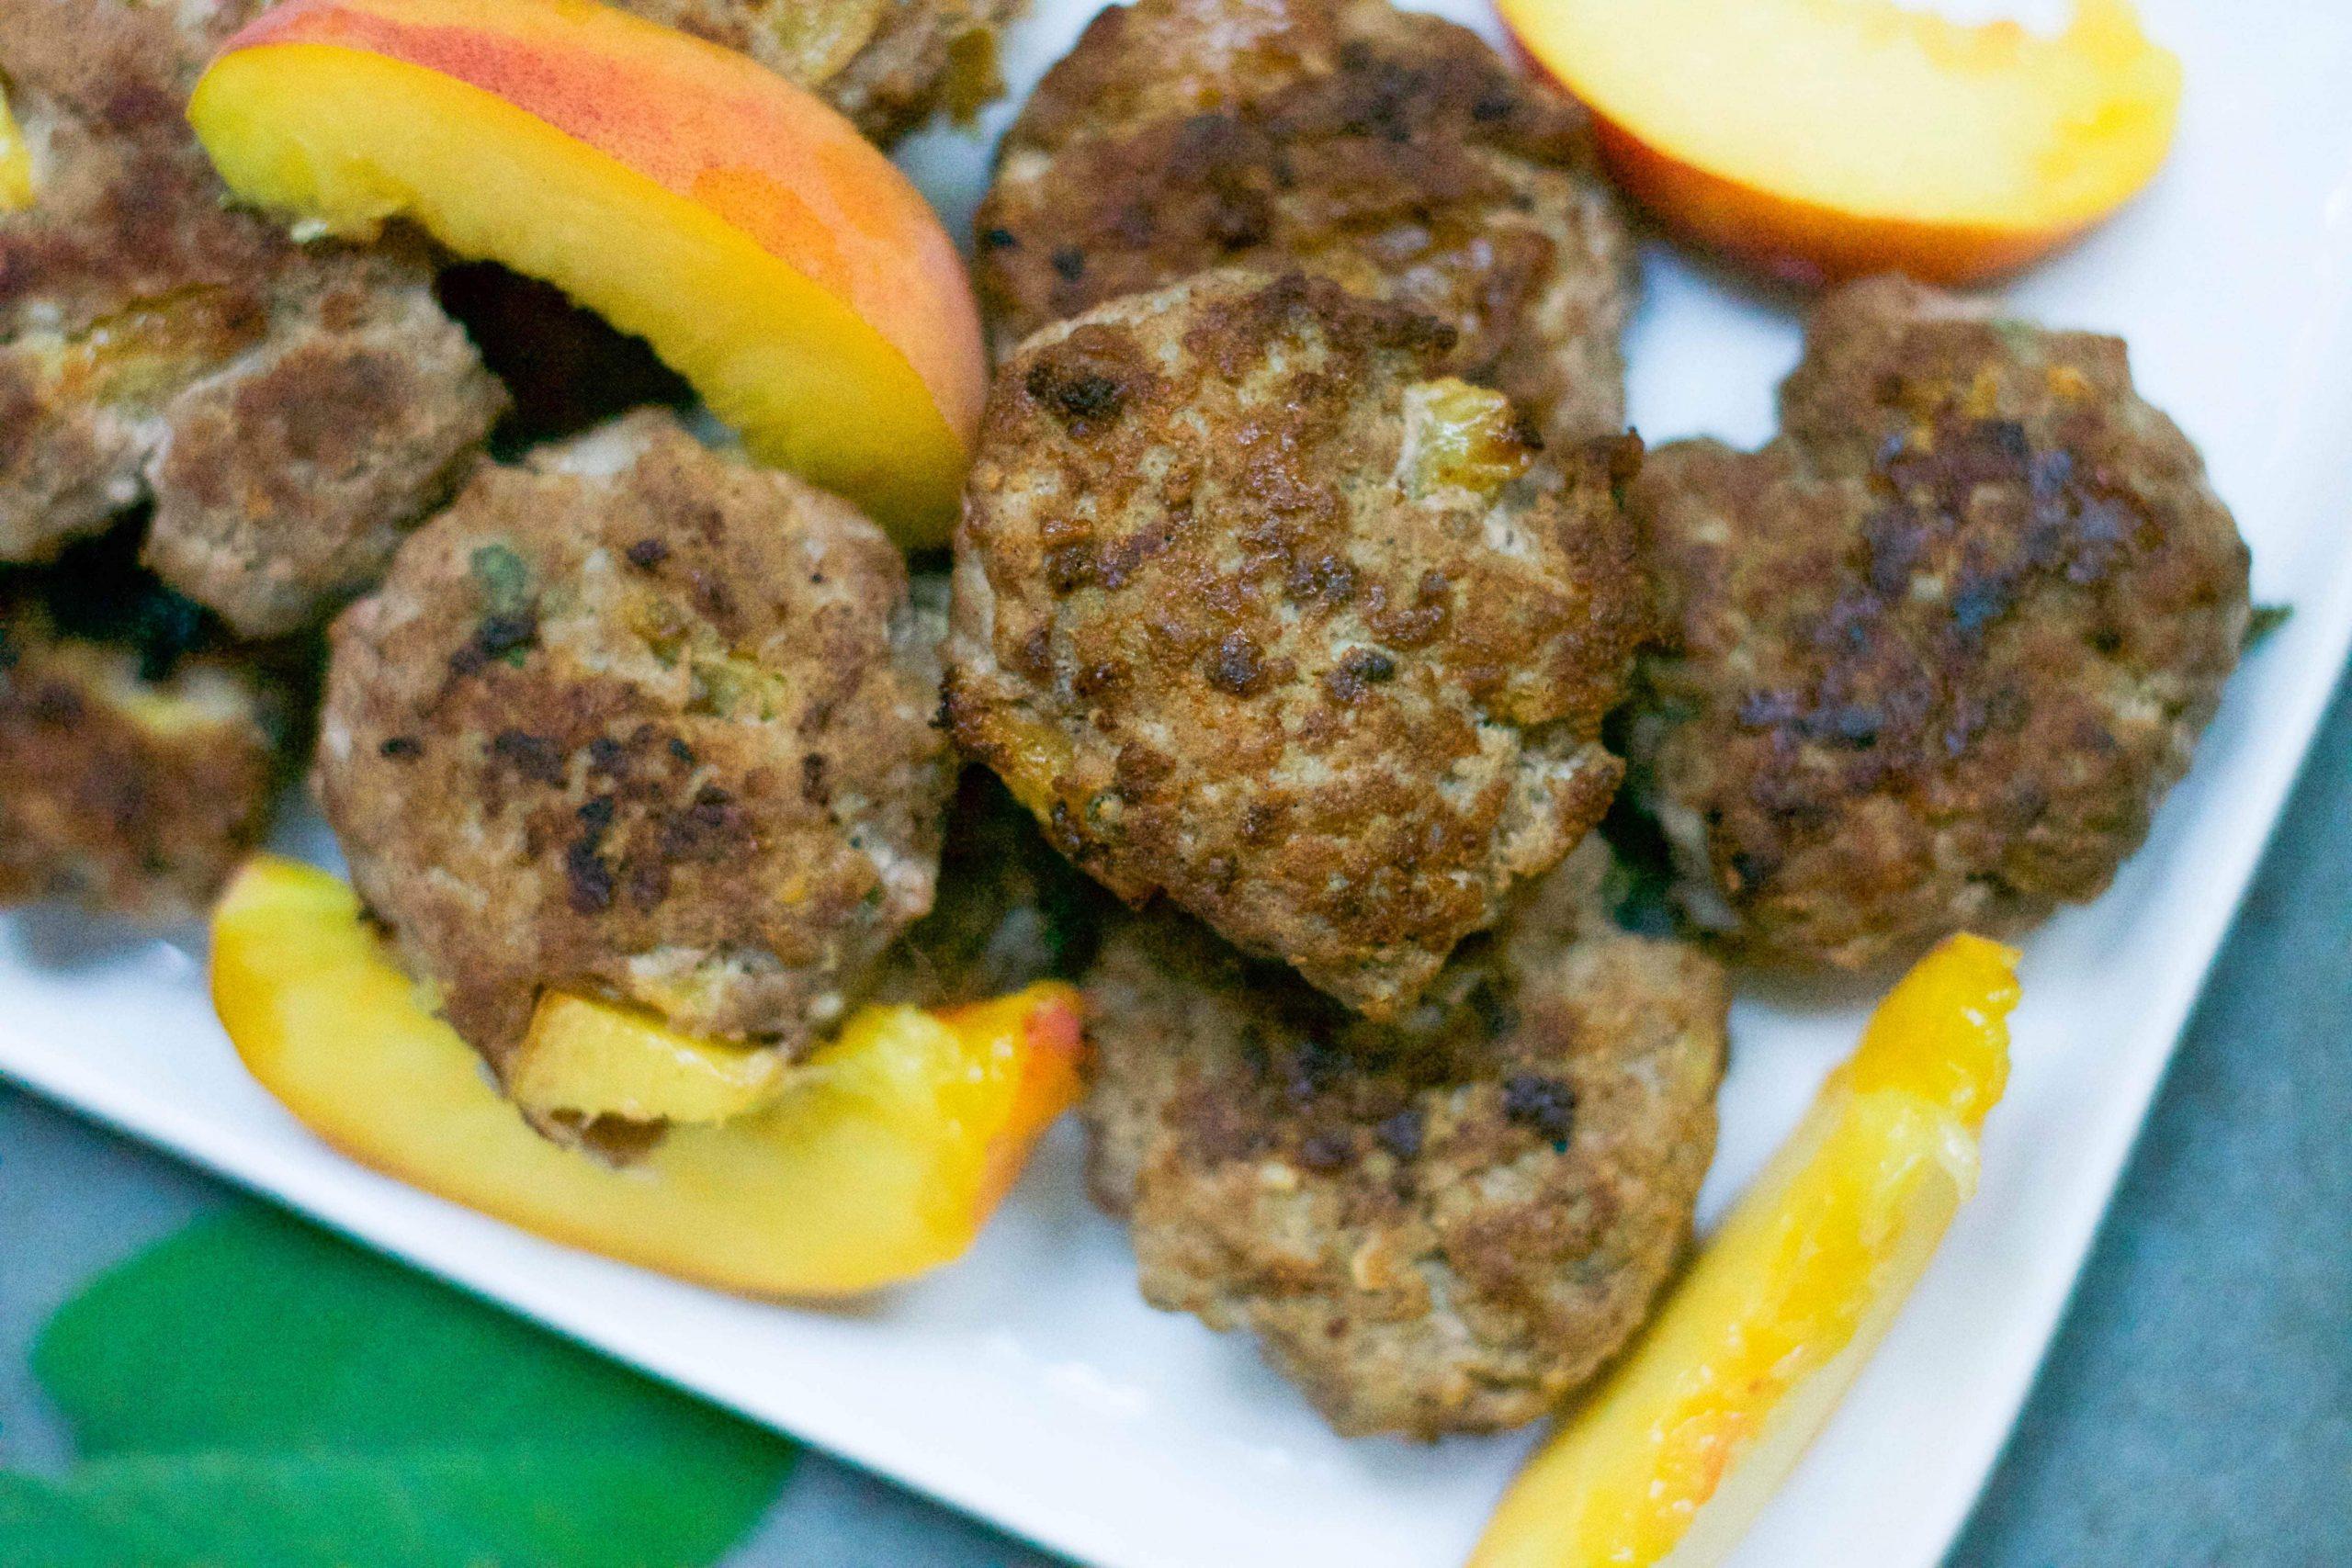 Peach Turkey Breakfast Sausage (GF, DF) - A Dash of Megnut